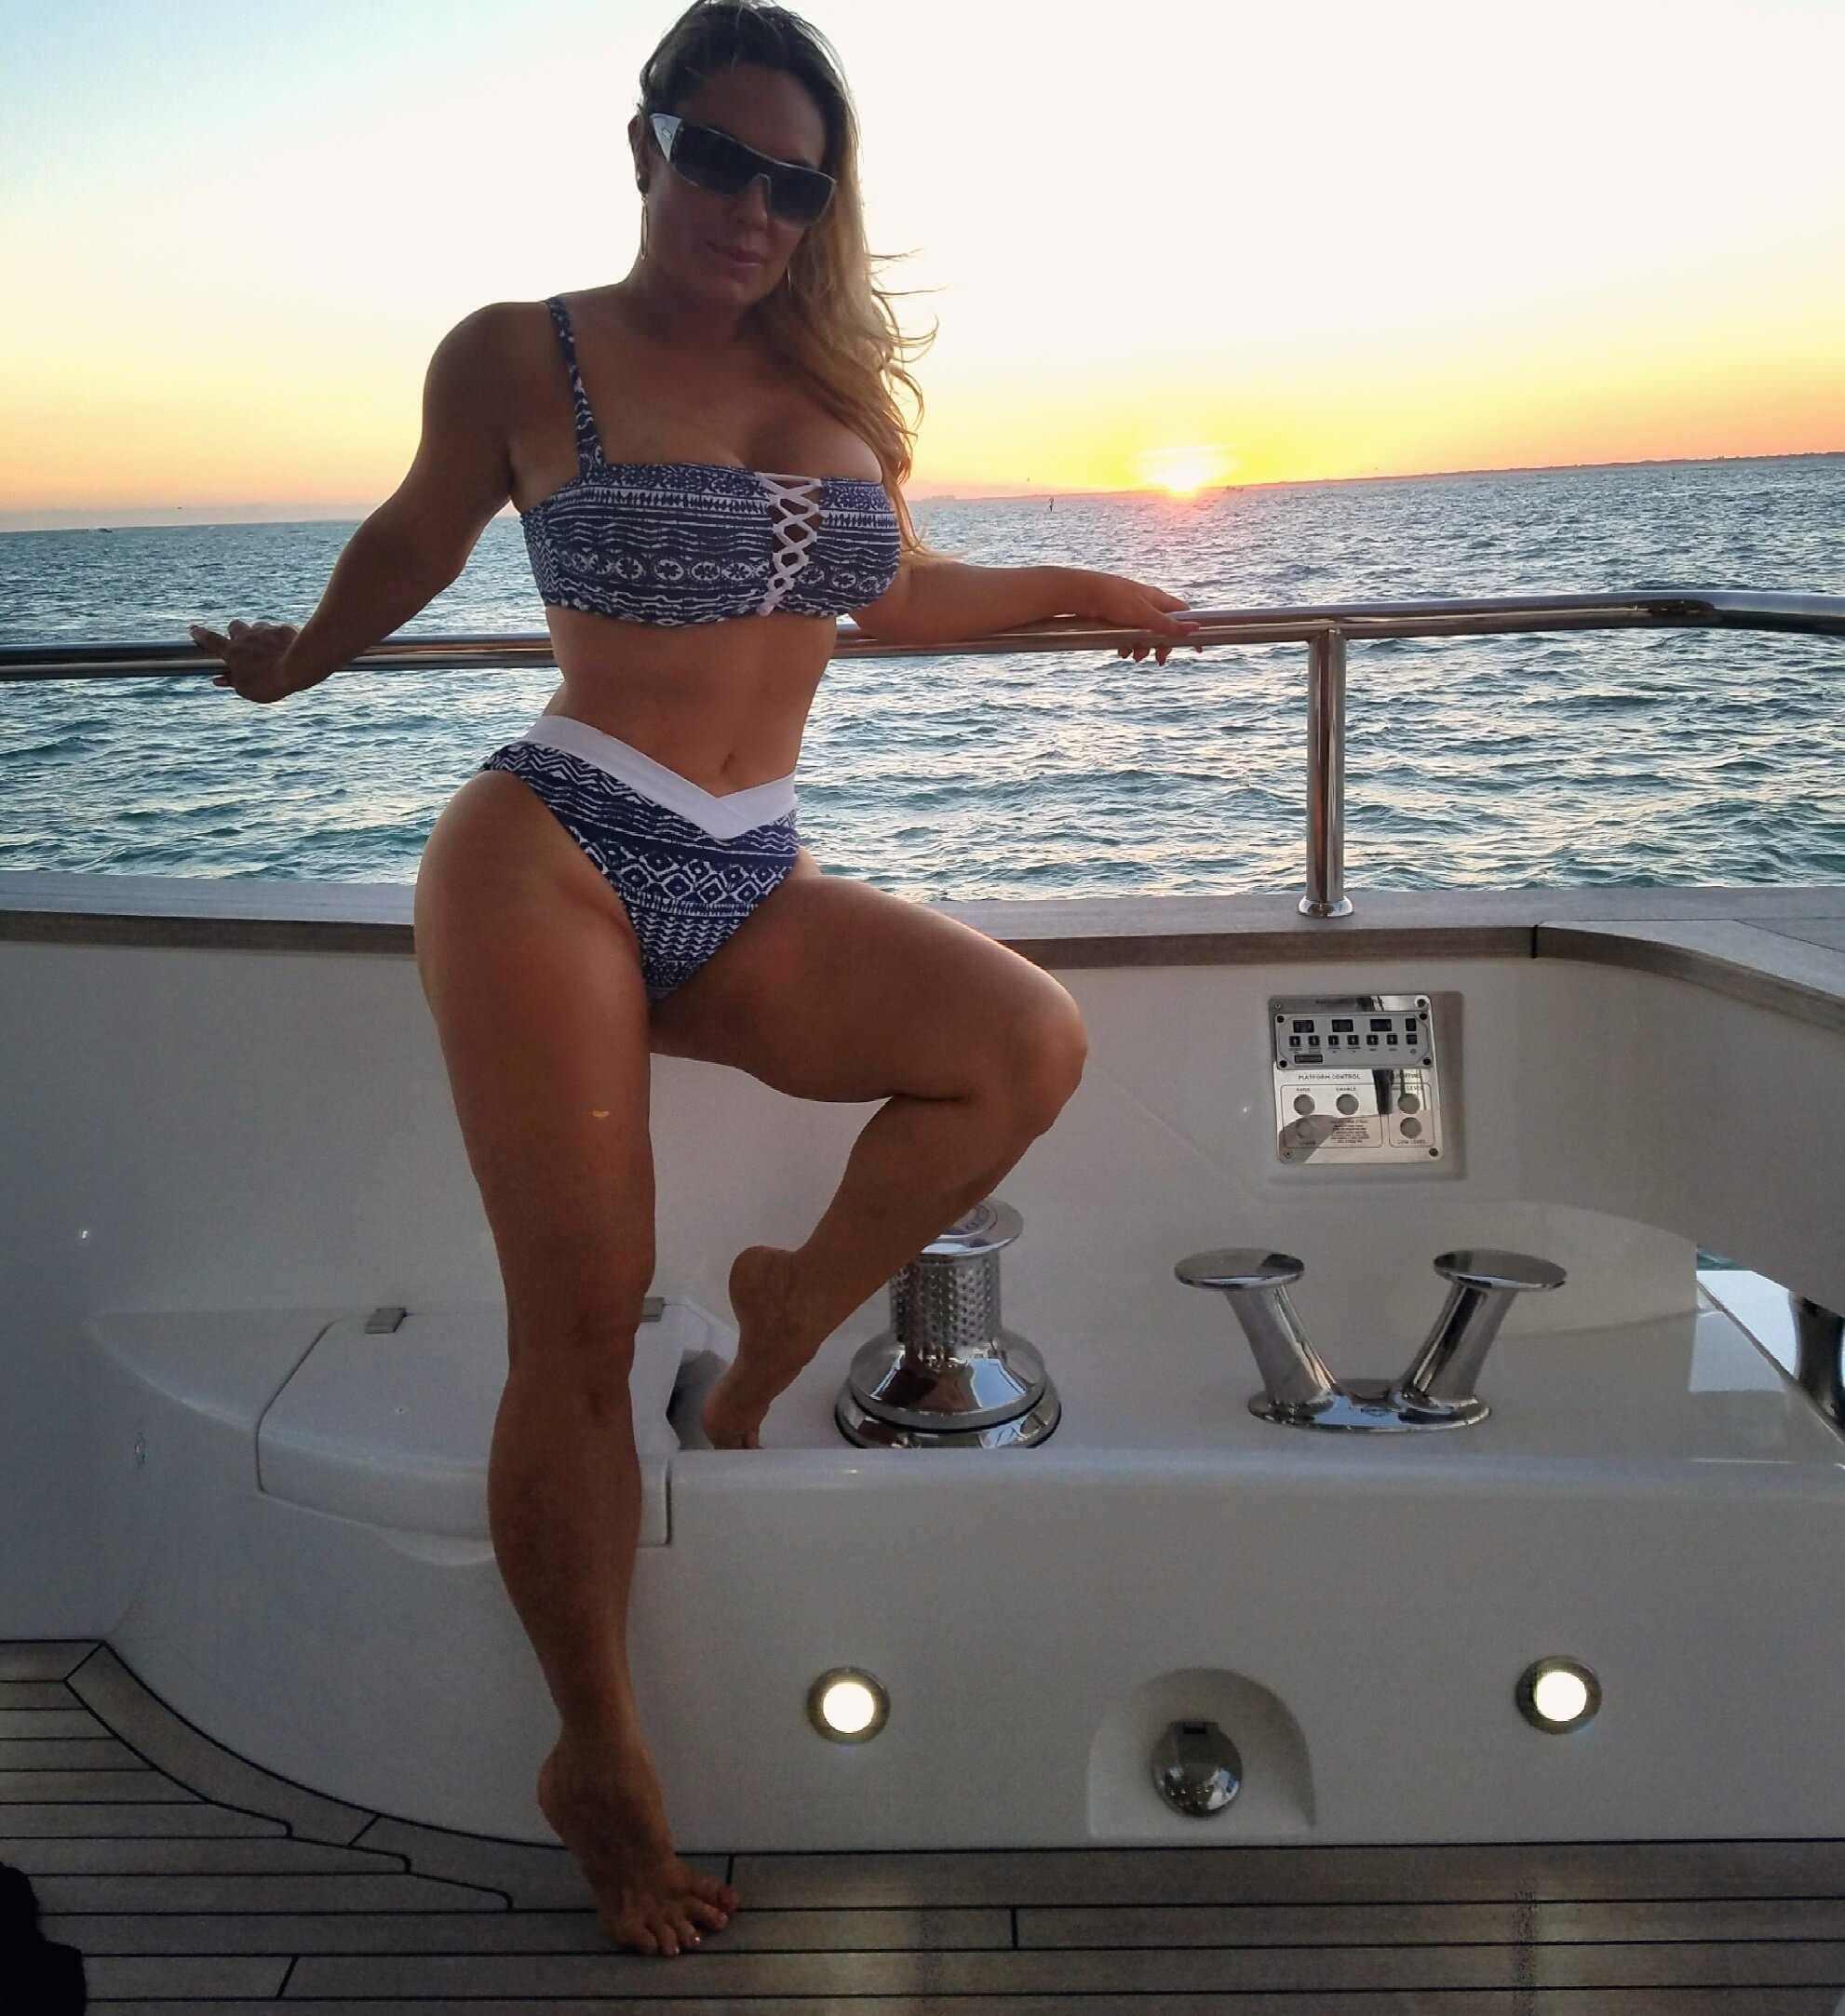 Николь Остин фото на яхте